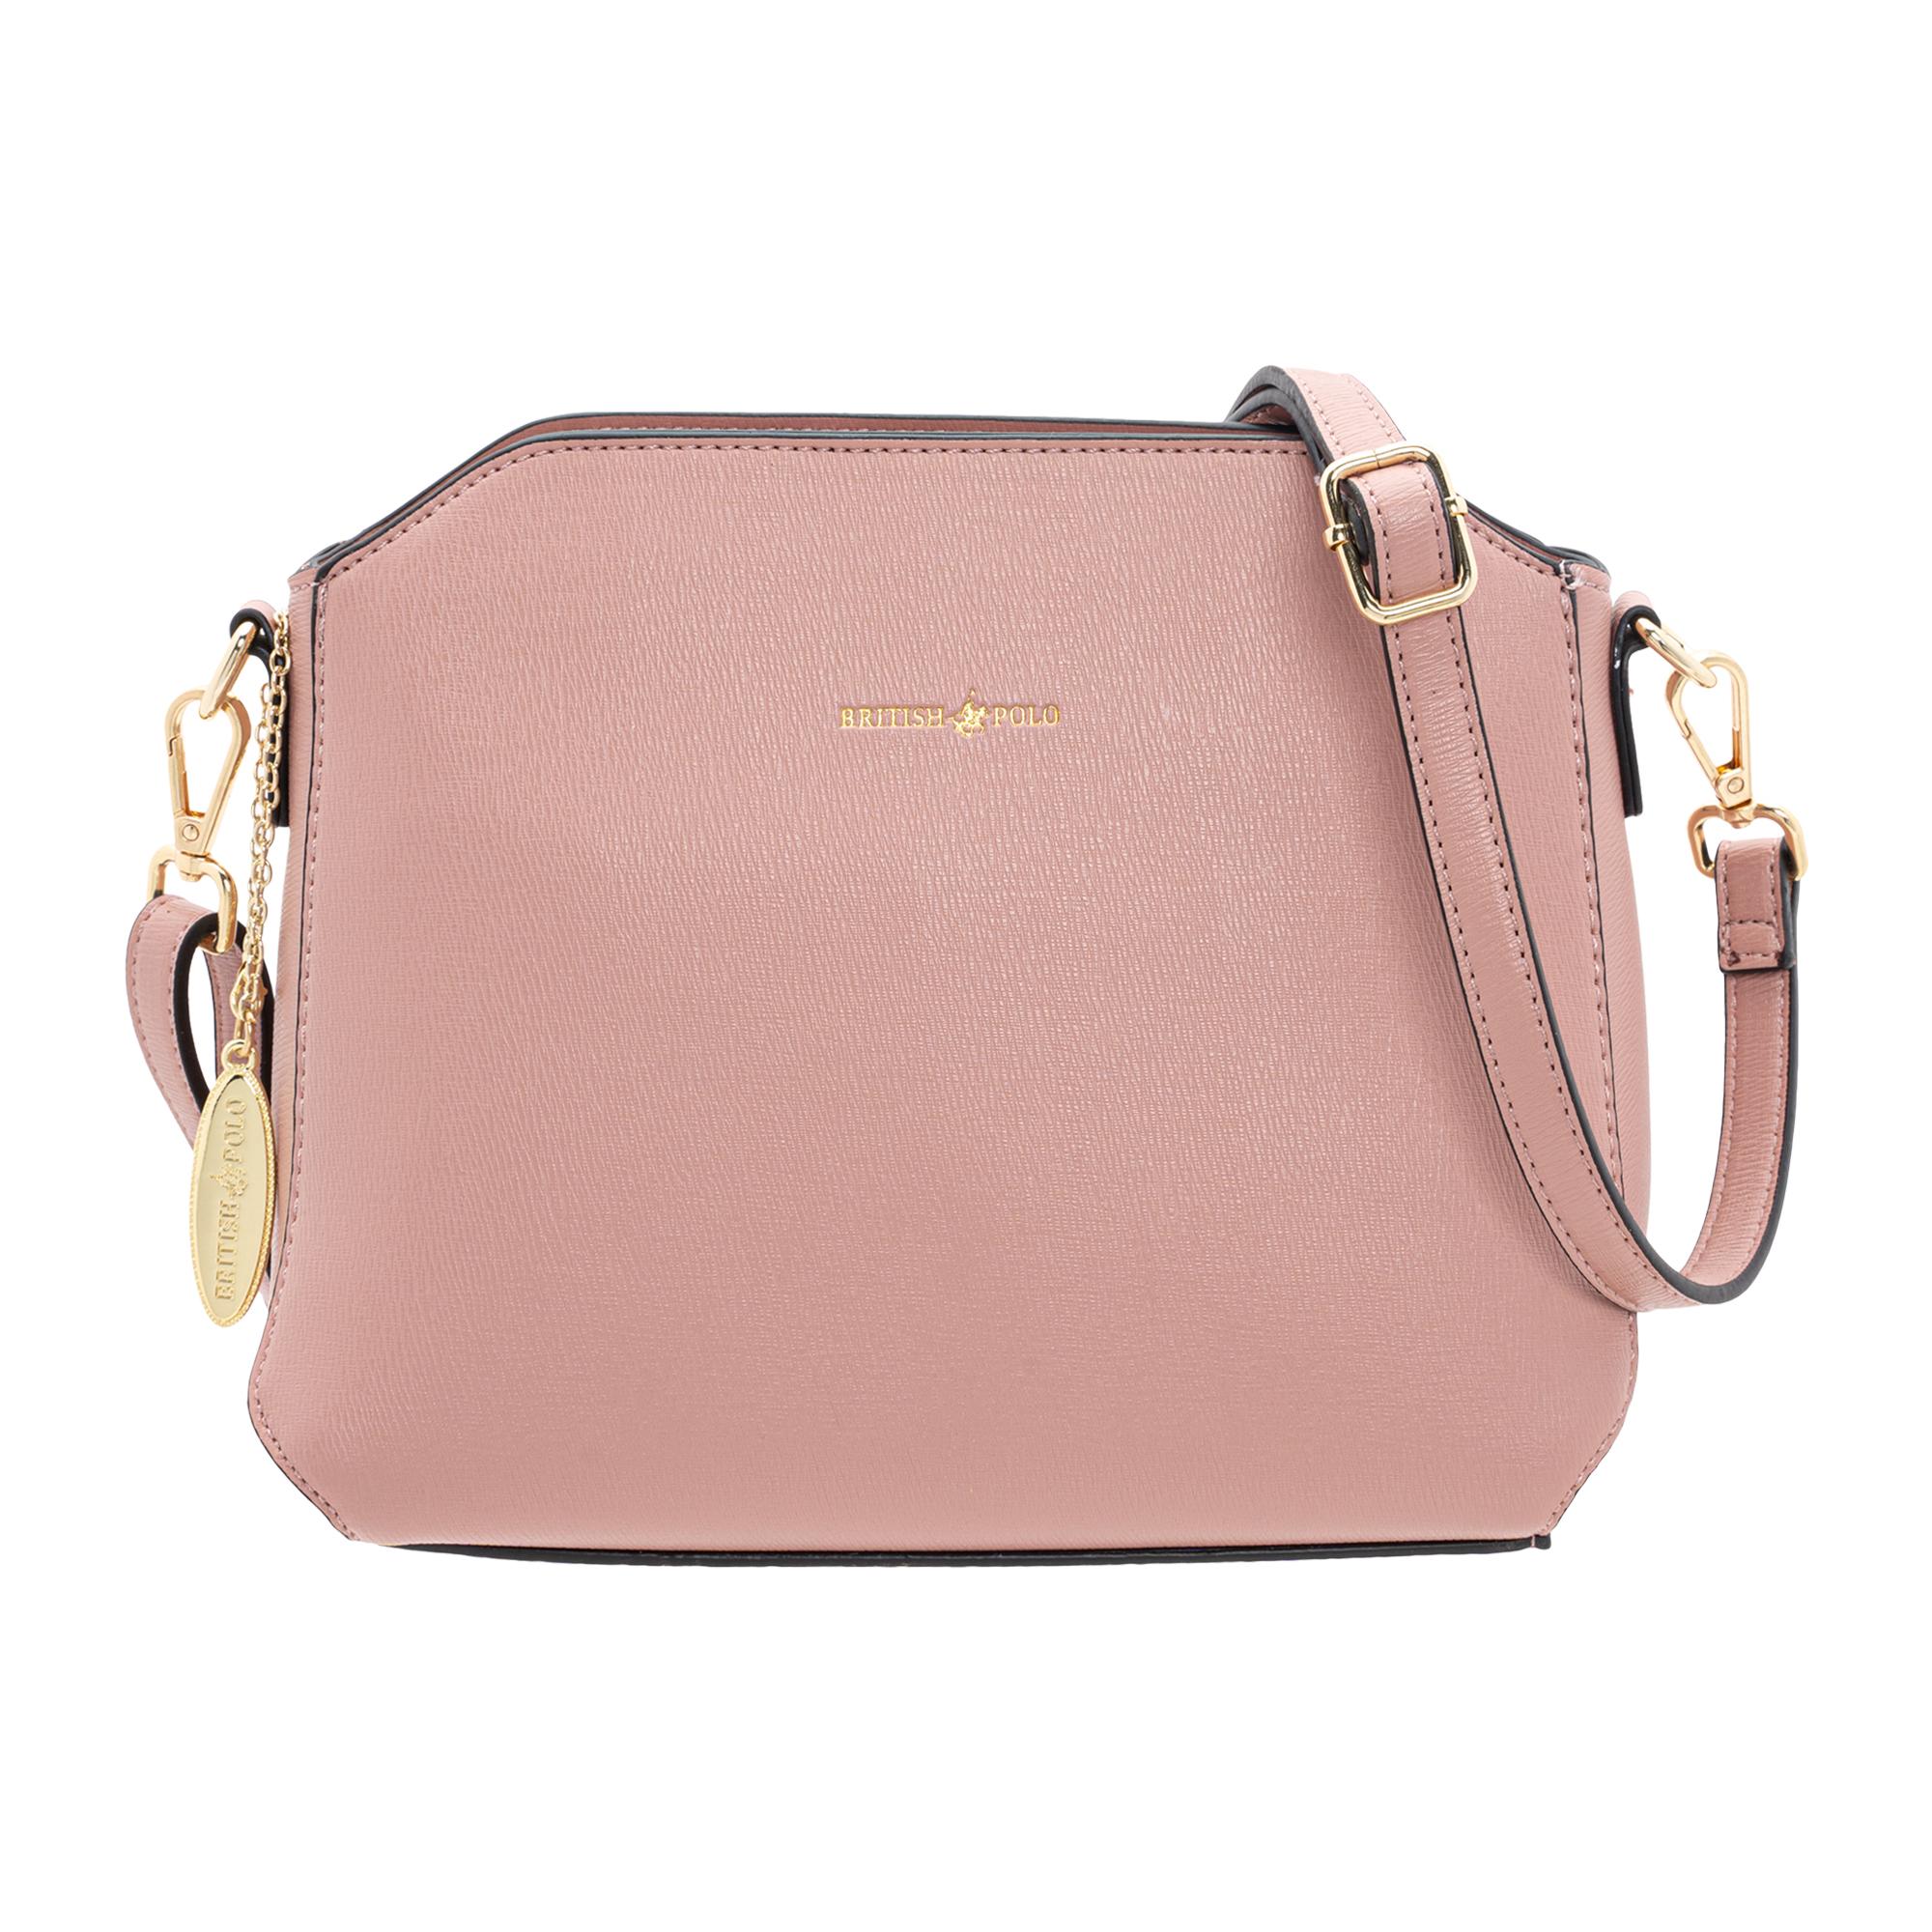 British Polo Frame Top Handle Bag